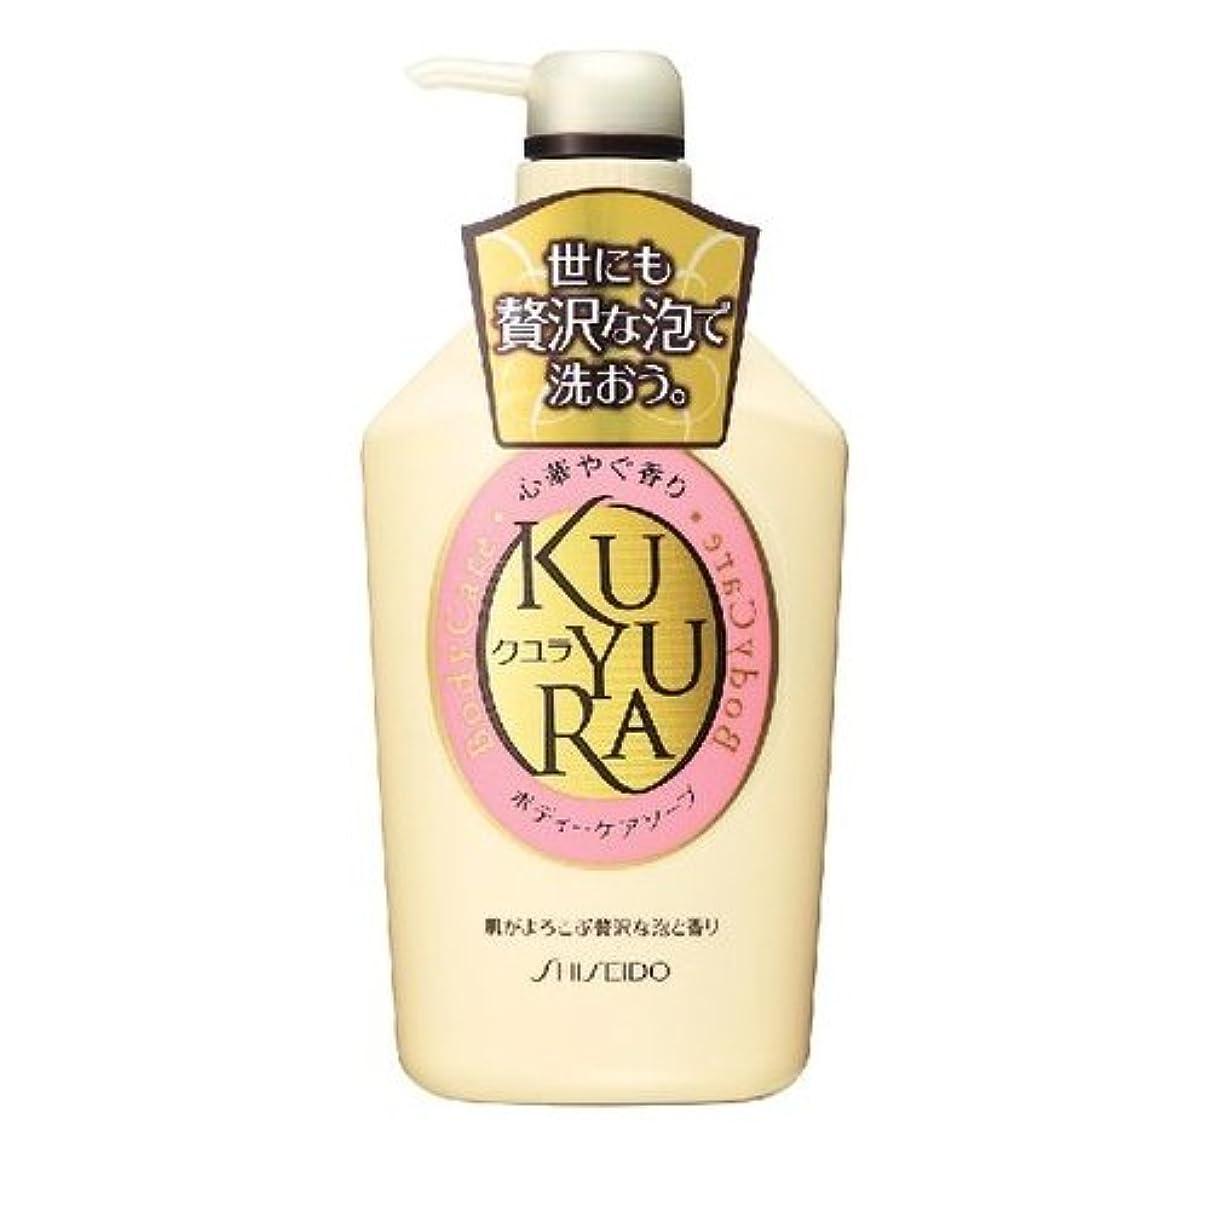 人気のミット昇るクユラ ボディケアソープ 心華やぐ香り ジャンボサイズ550ml